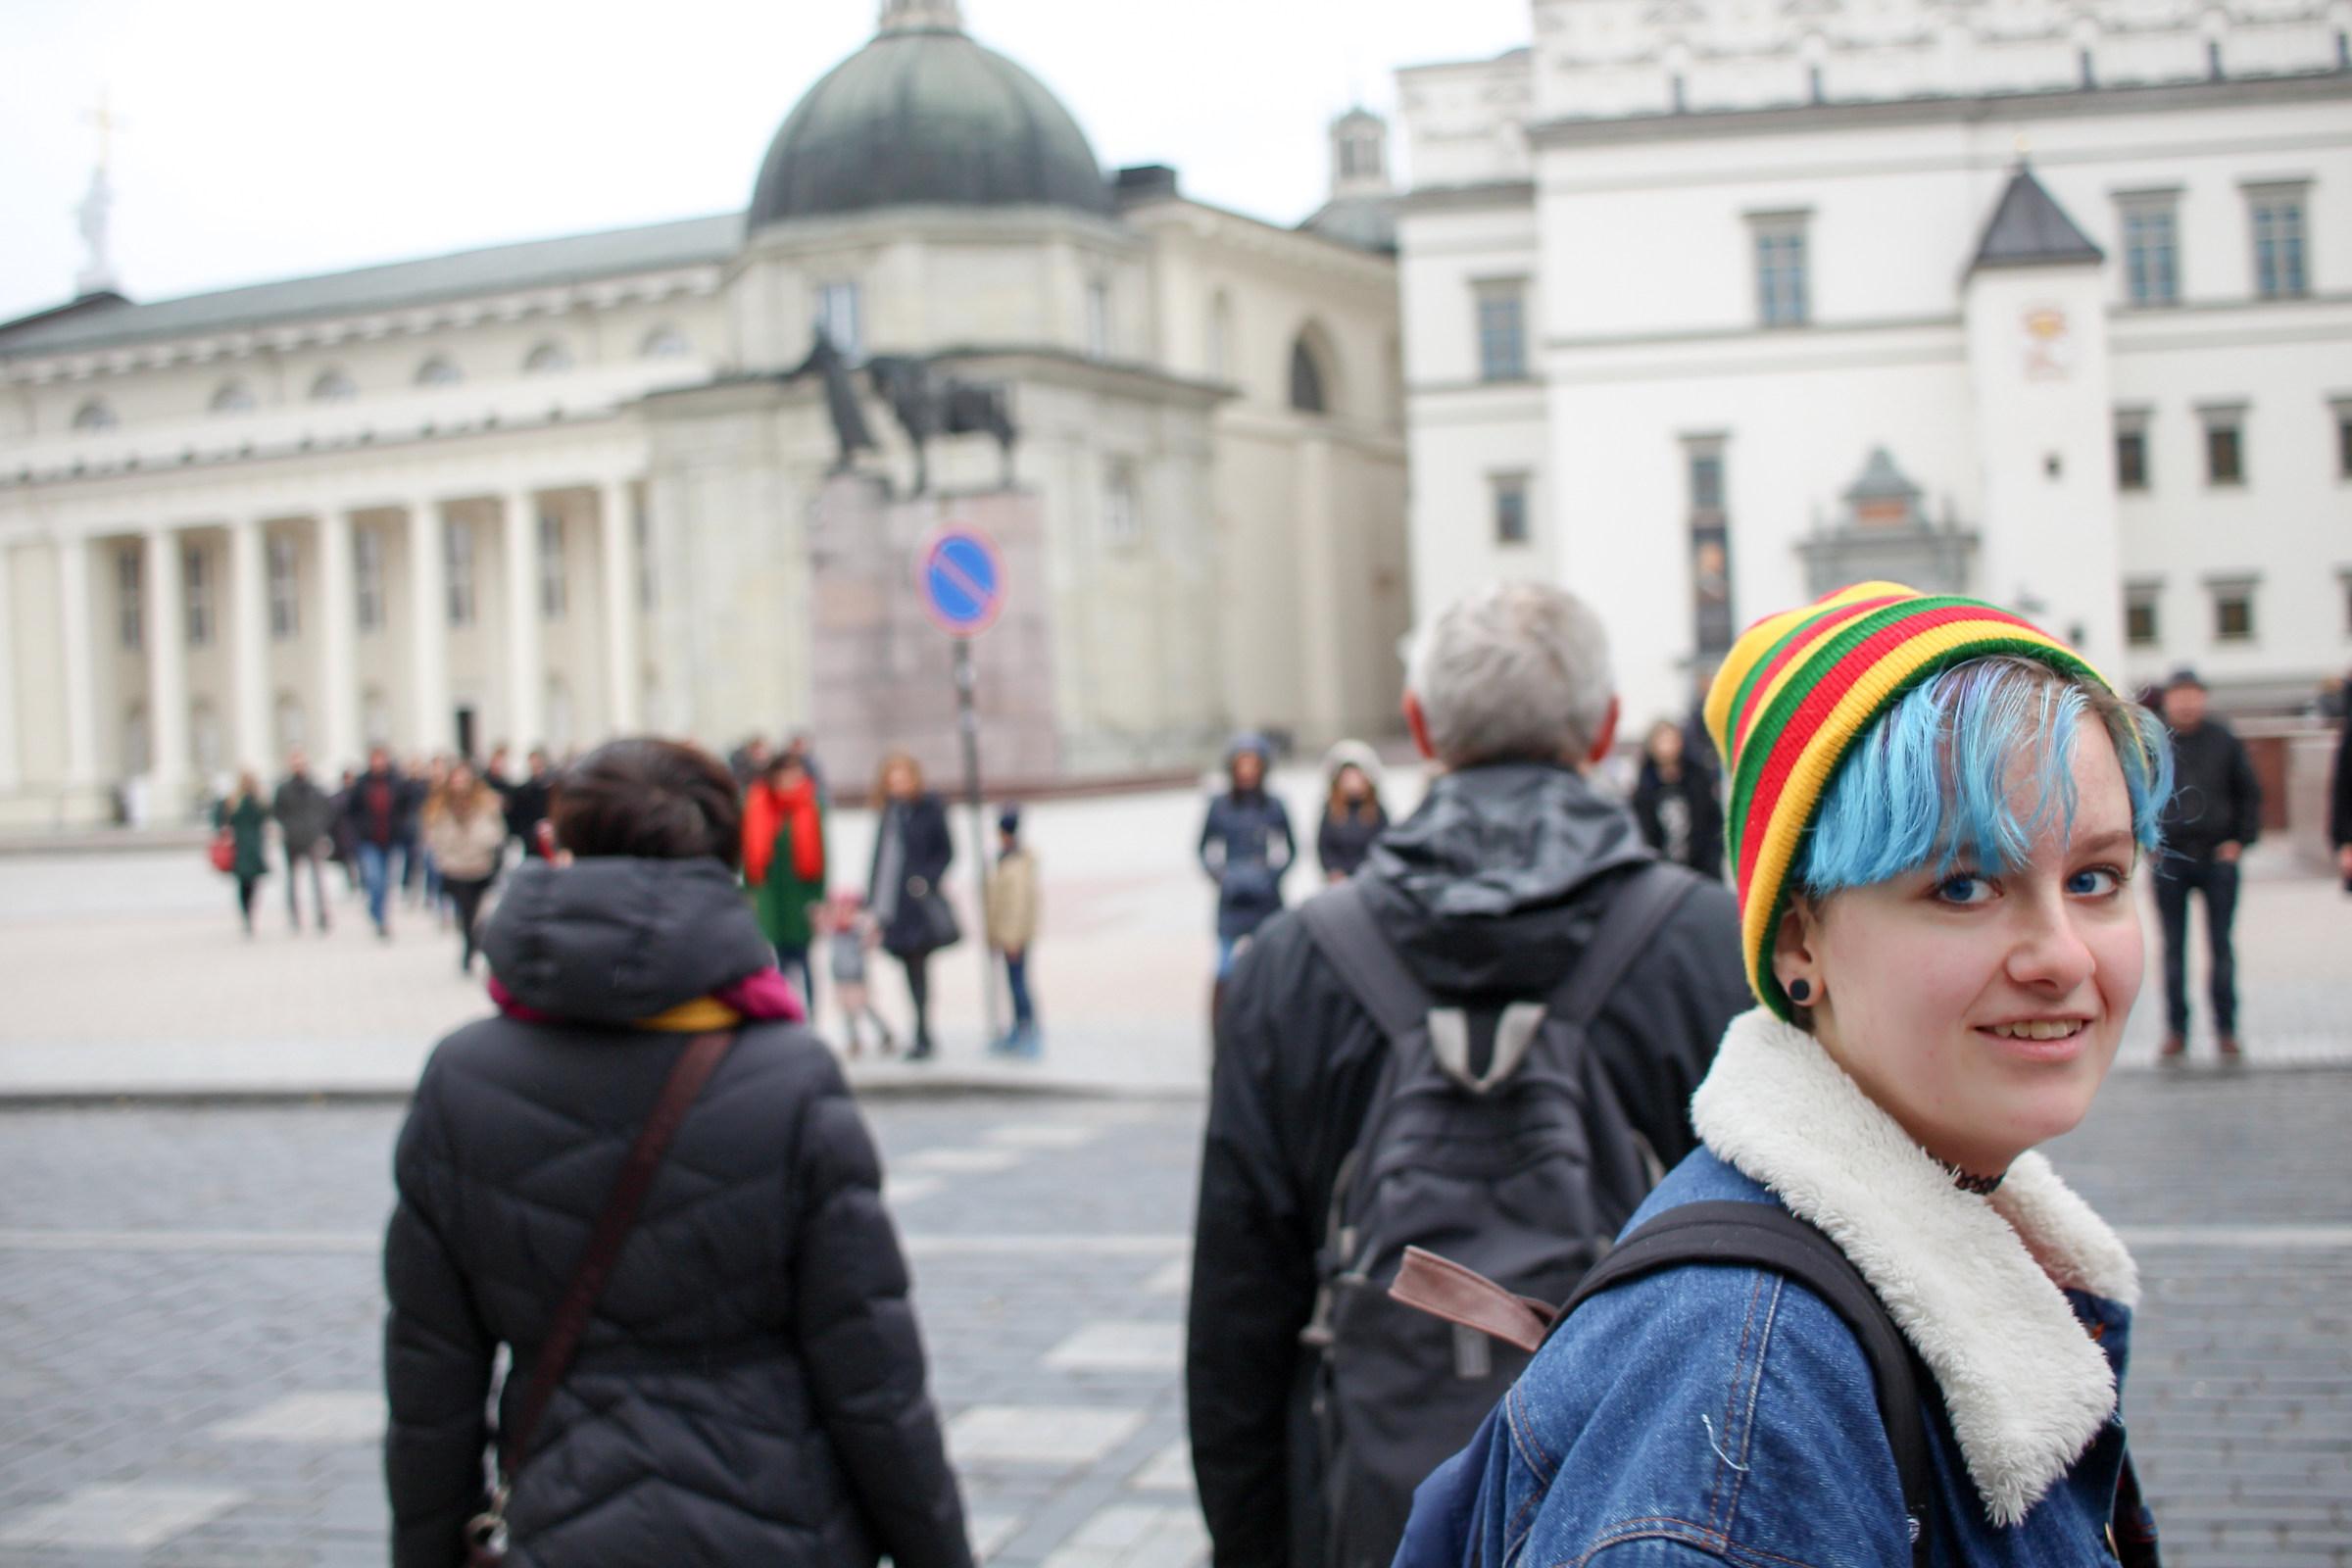 Ragazza lituana con cappello colorato...